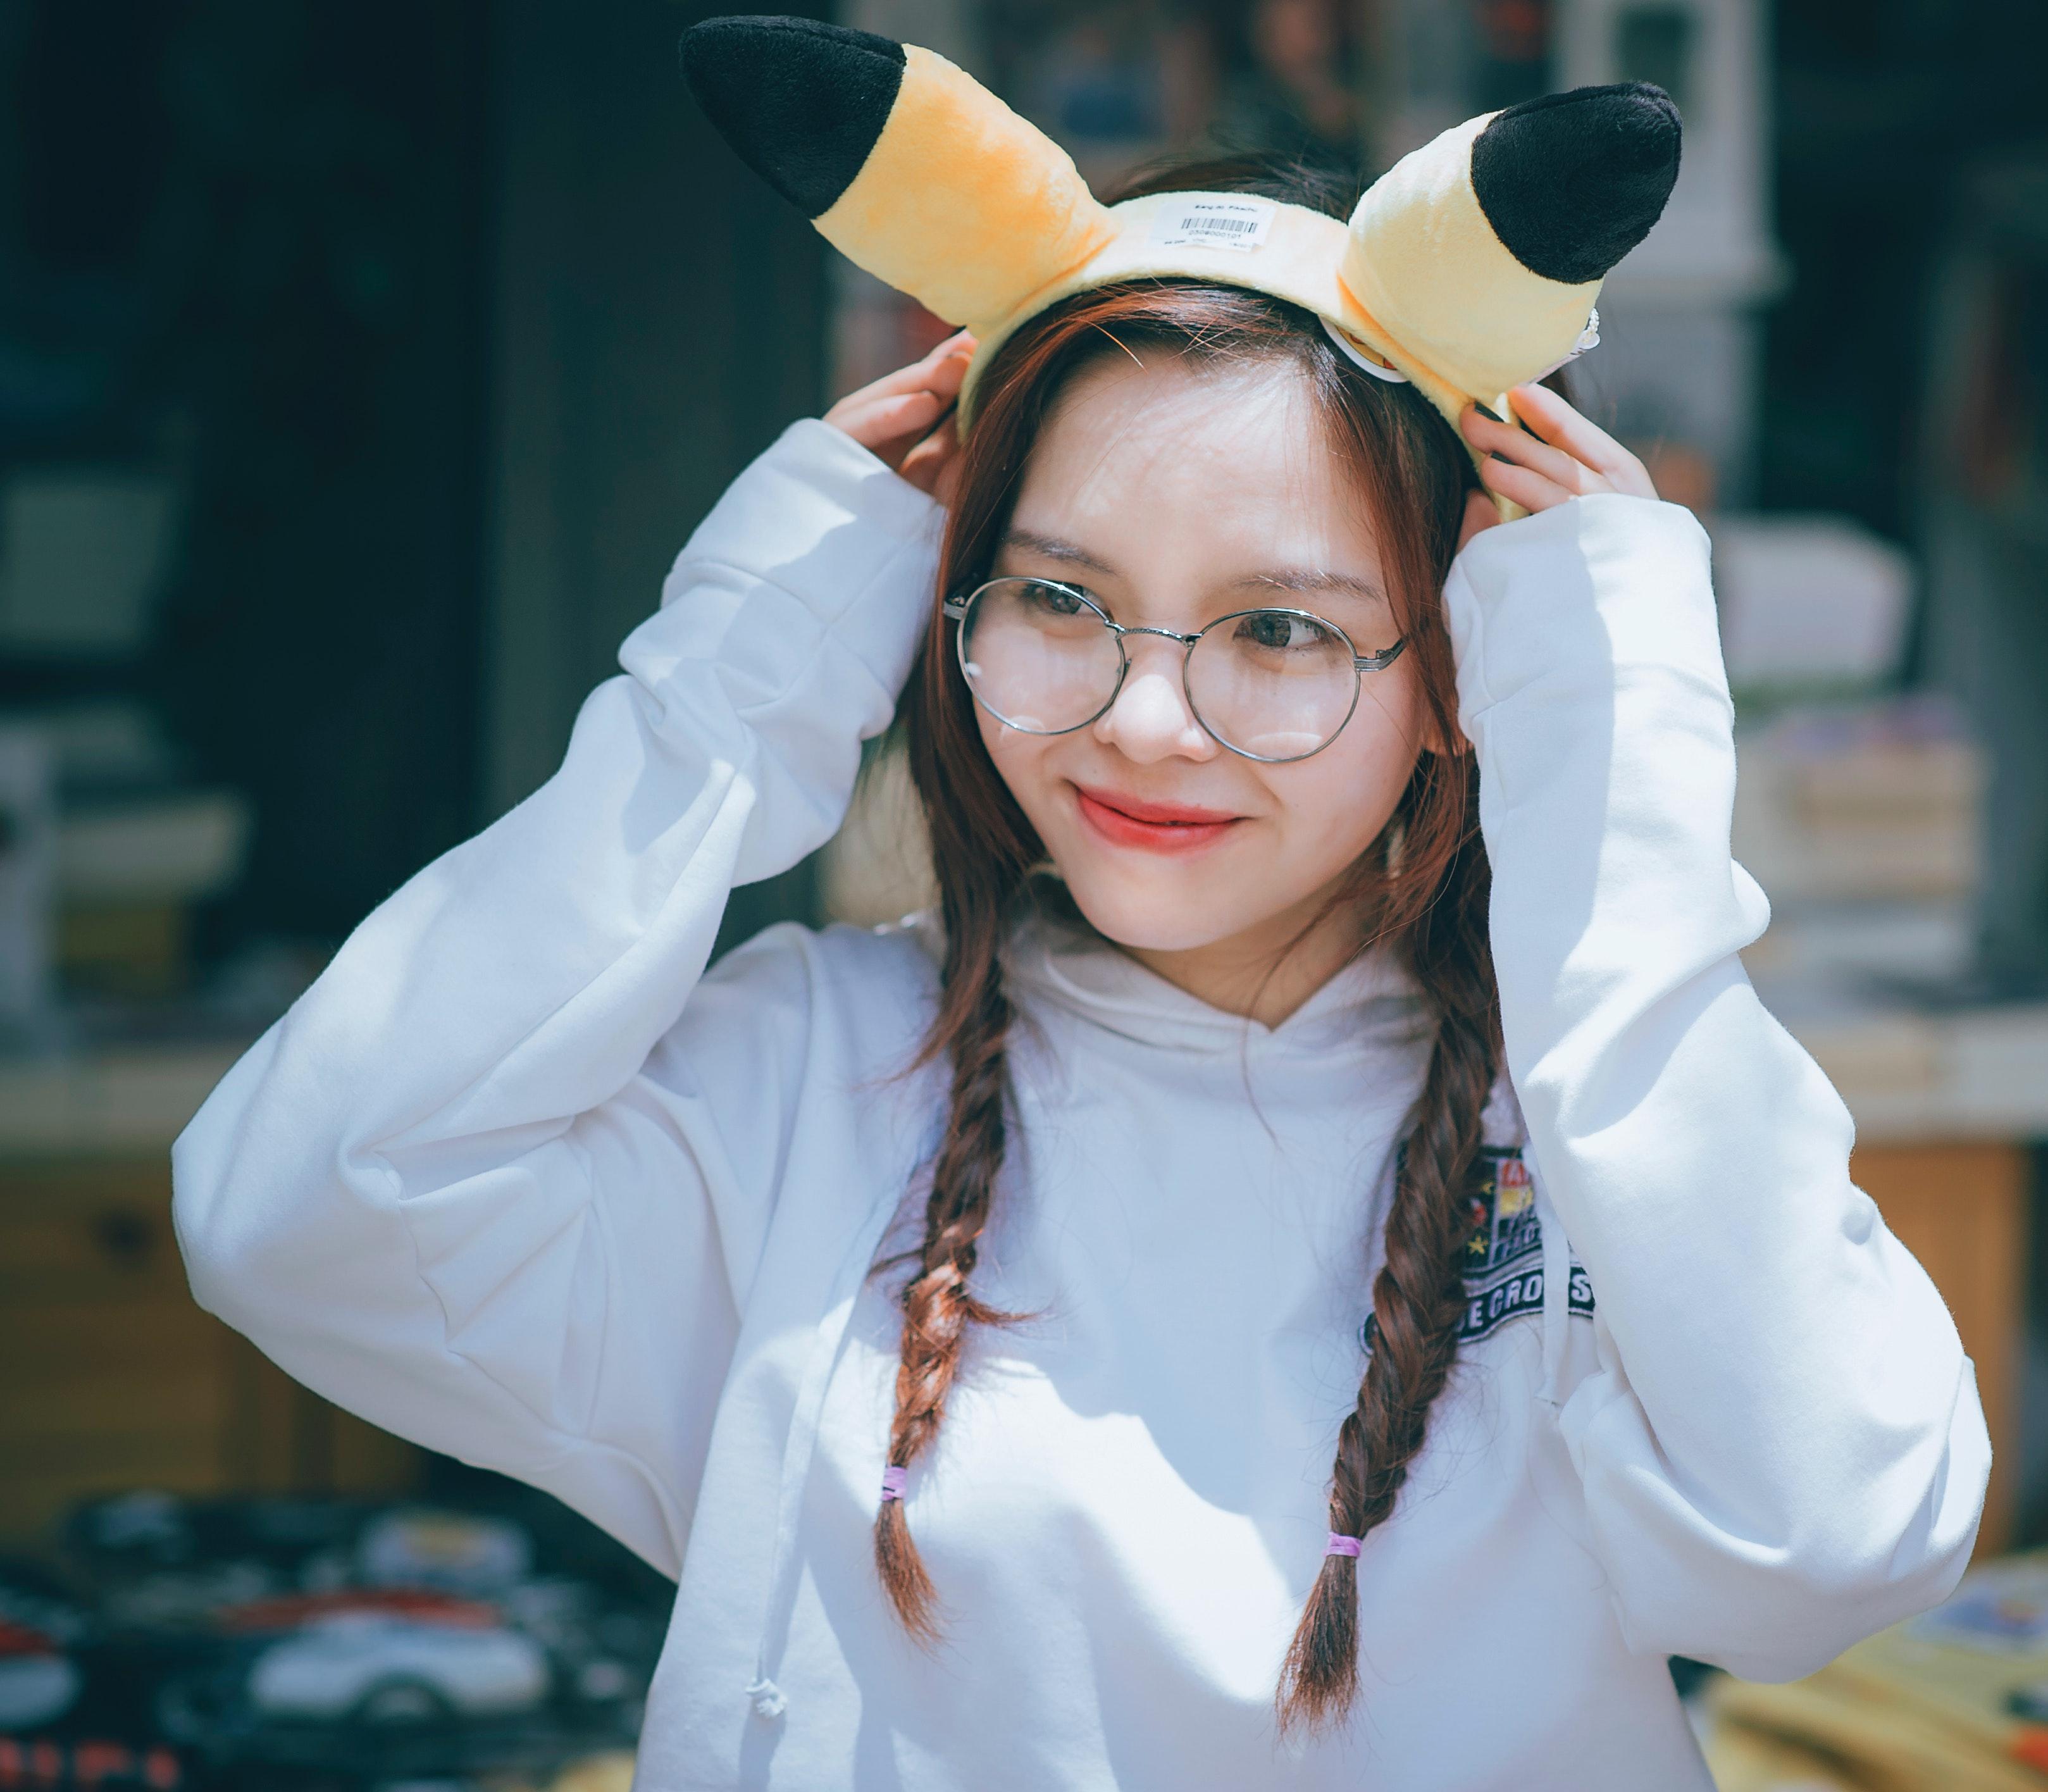 Woman wearing pikachu alice band photo